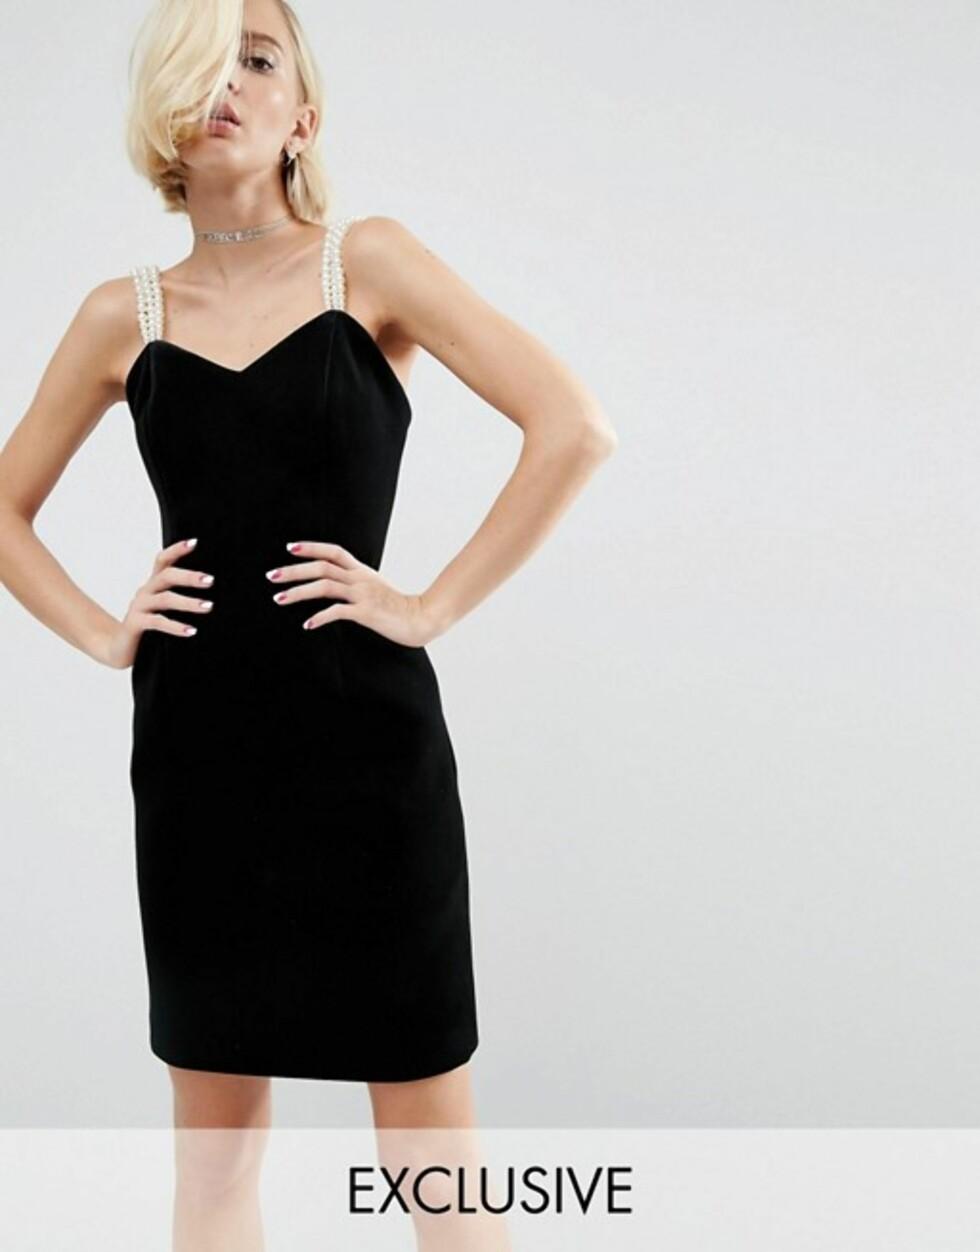 Sort kjole med perledetaljer fra WAH London x Asos | kr 1025 | http://ninjalink.com/s/KiljEo9LcM